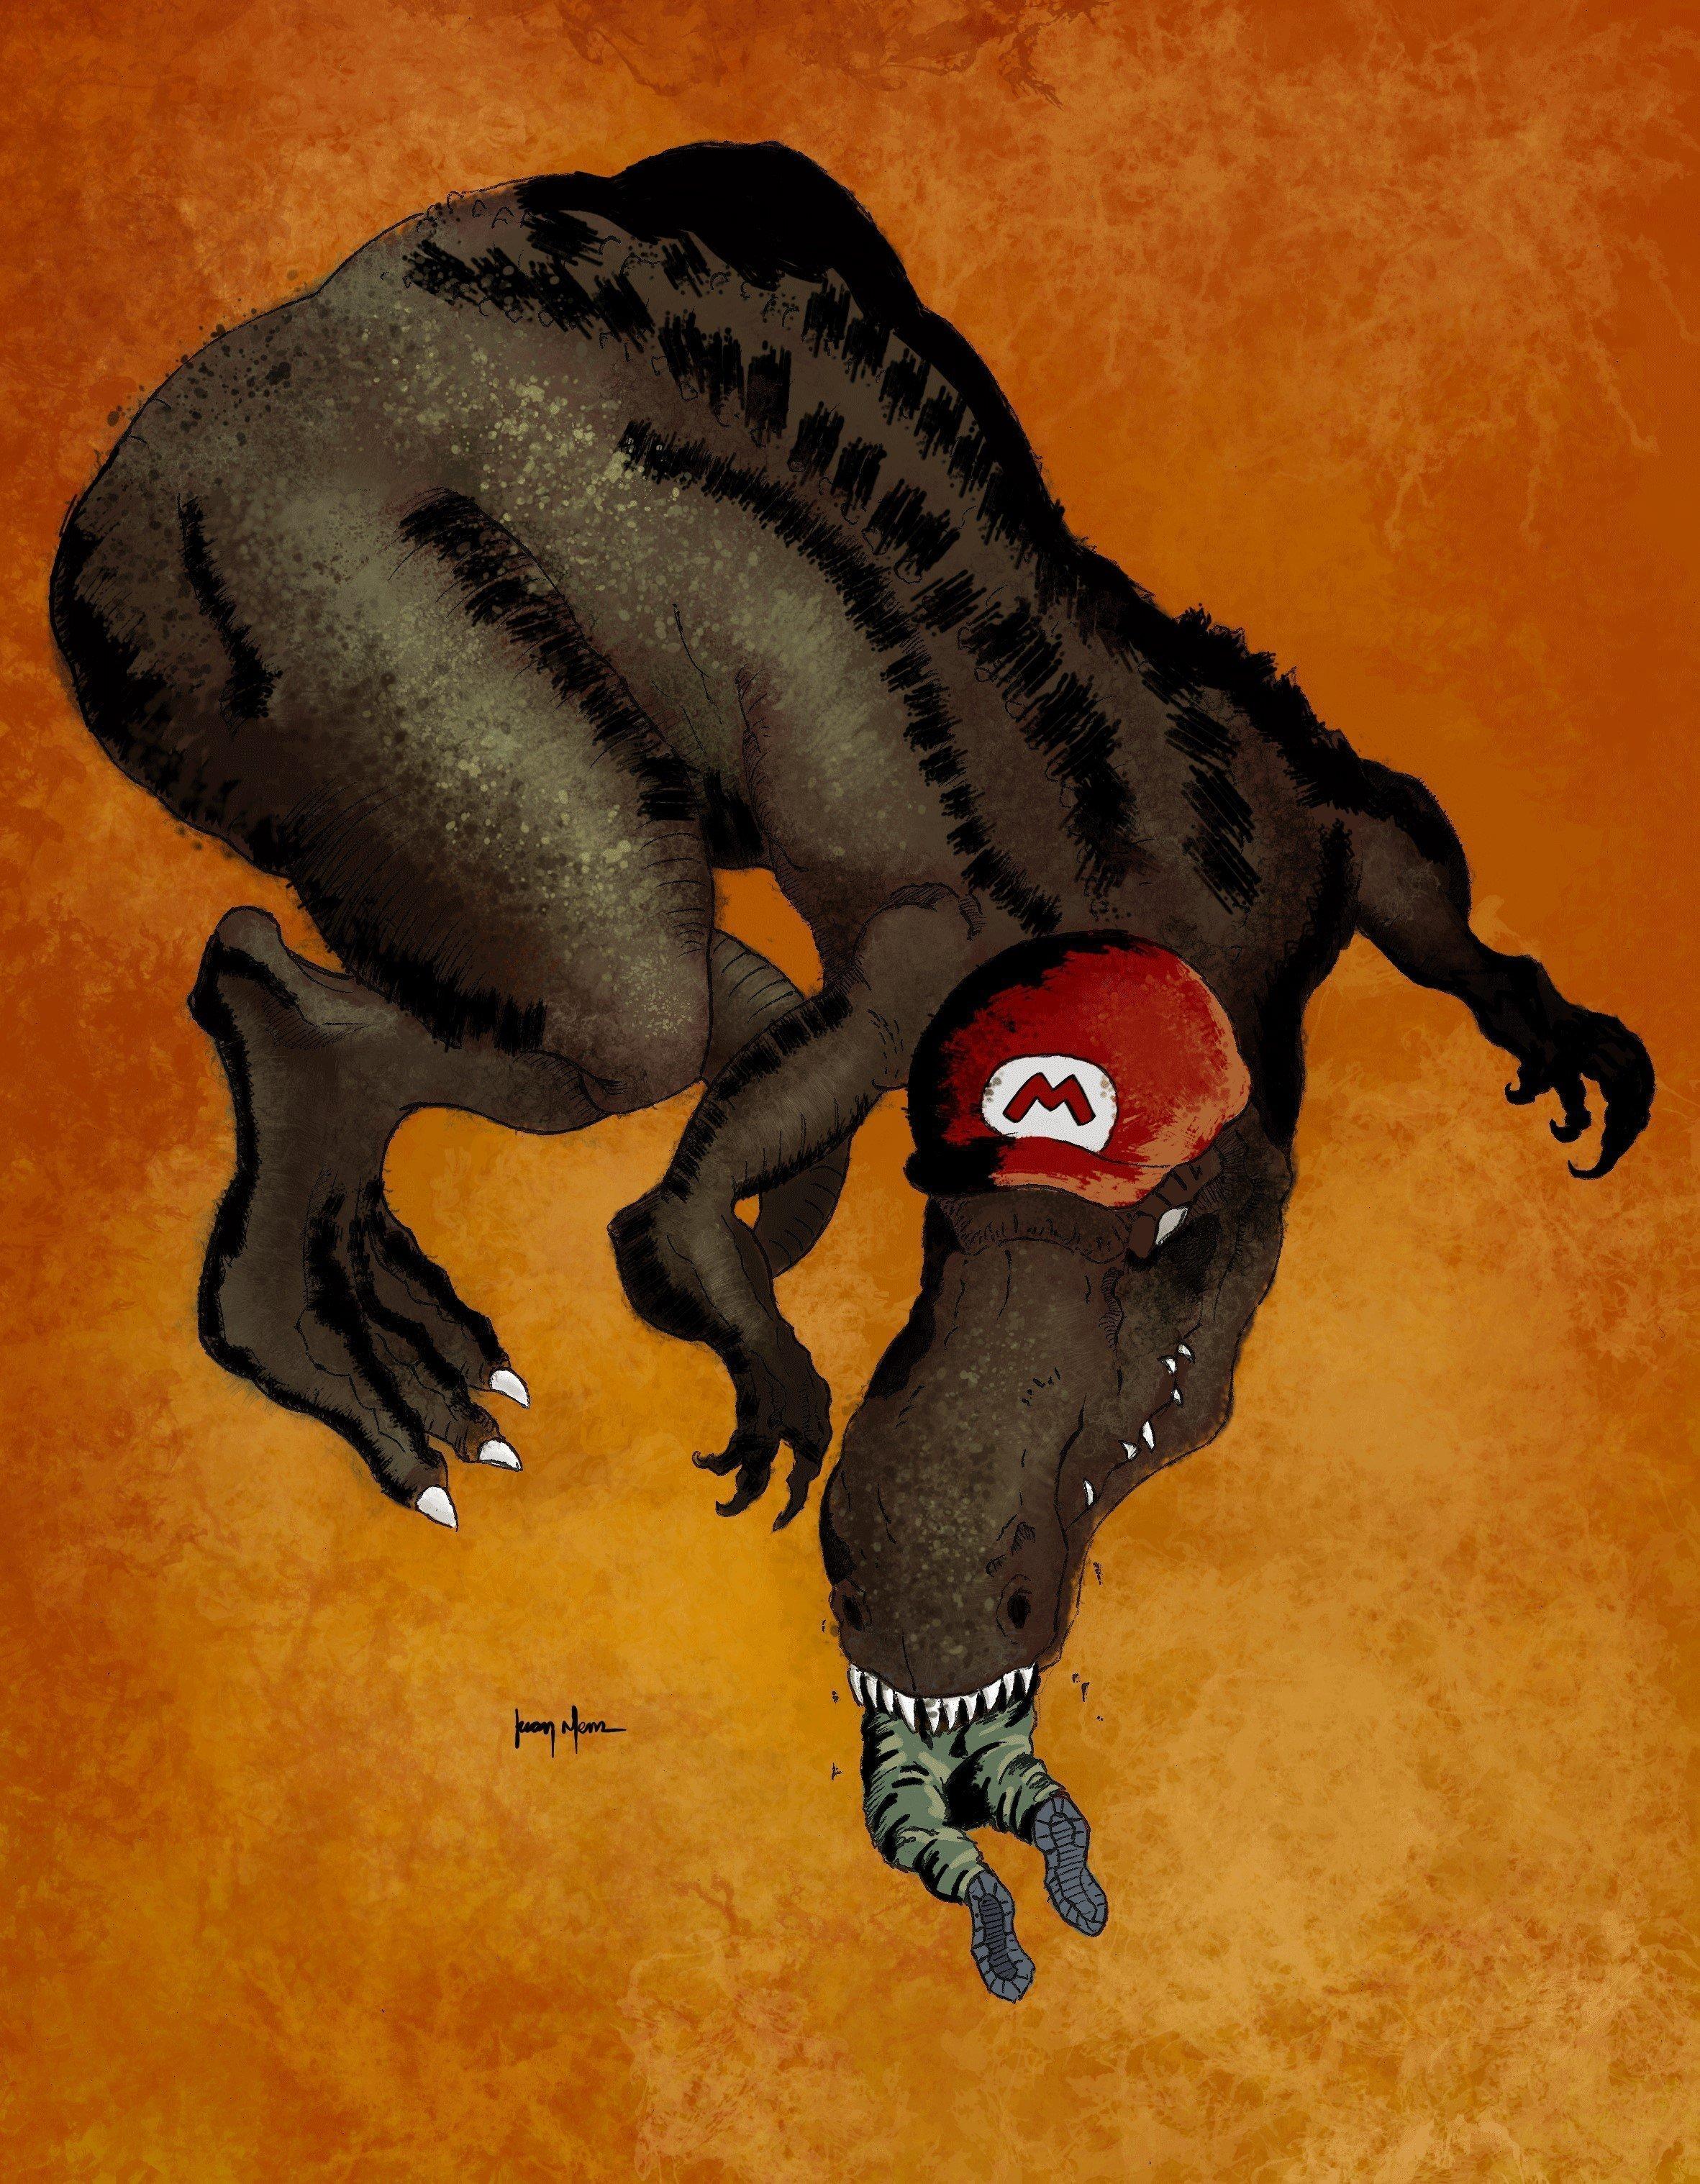 Mario-web.jpg